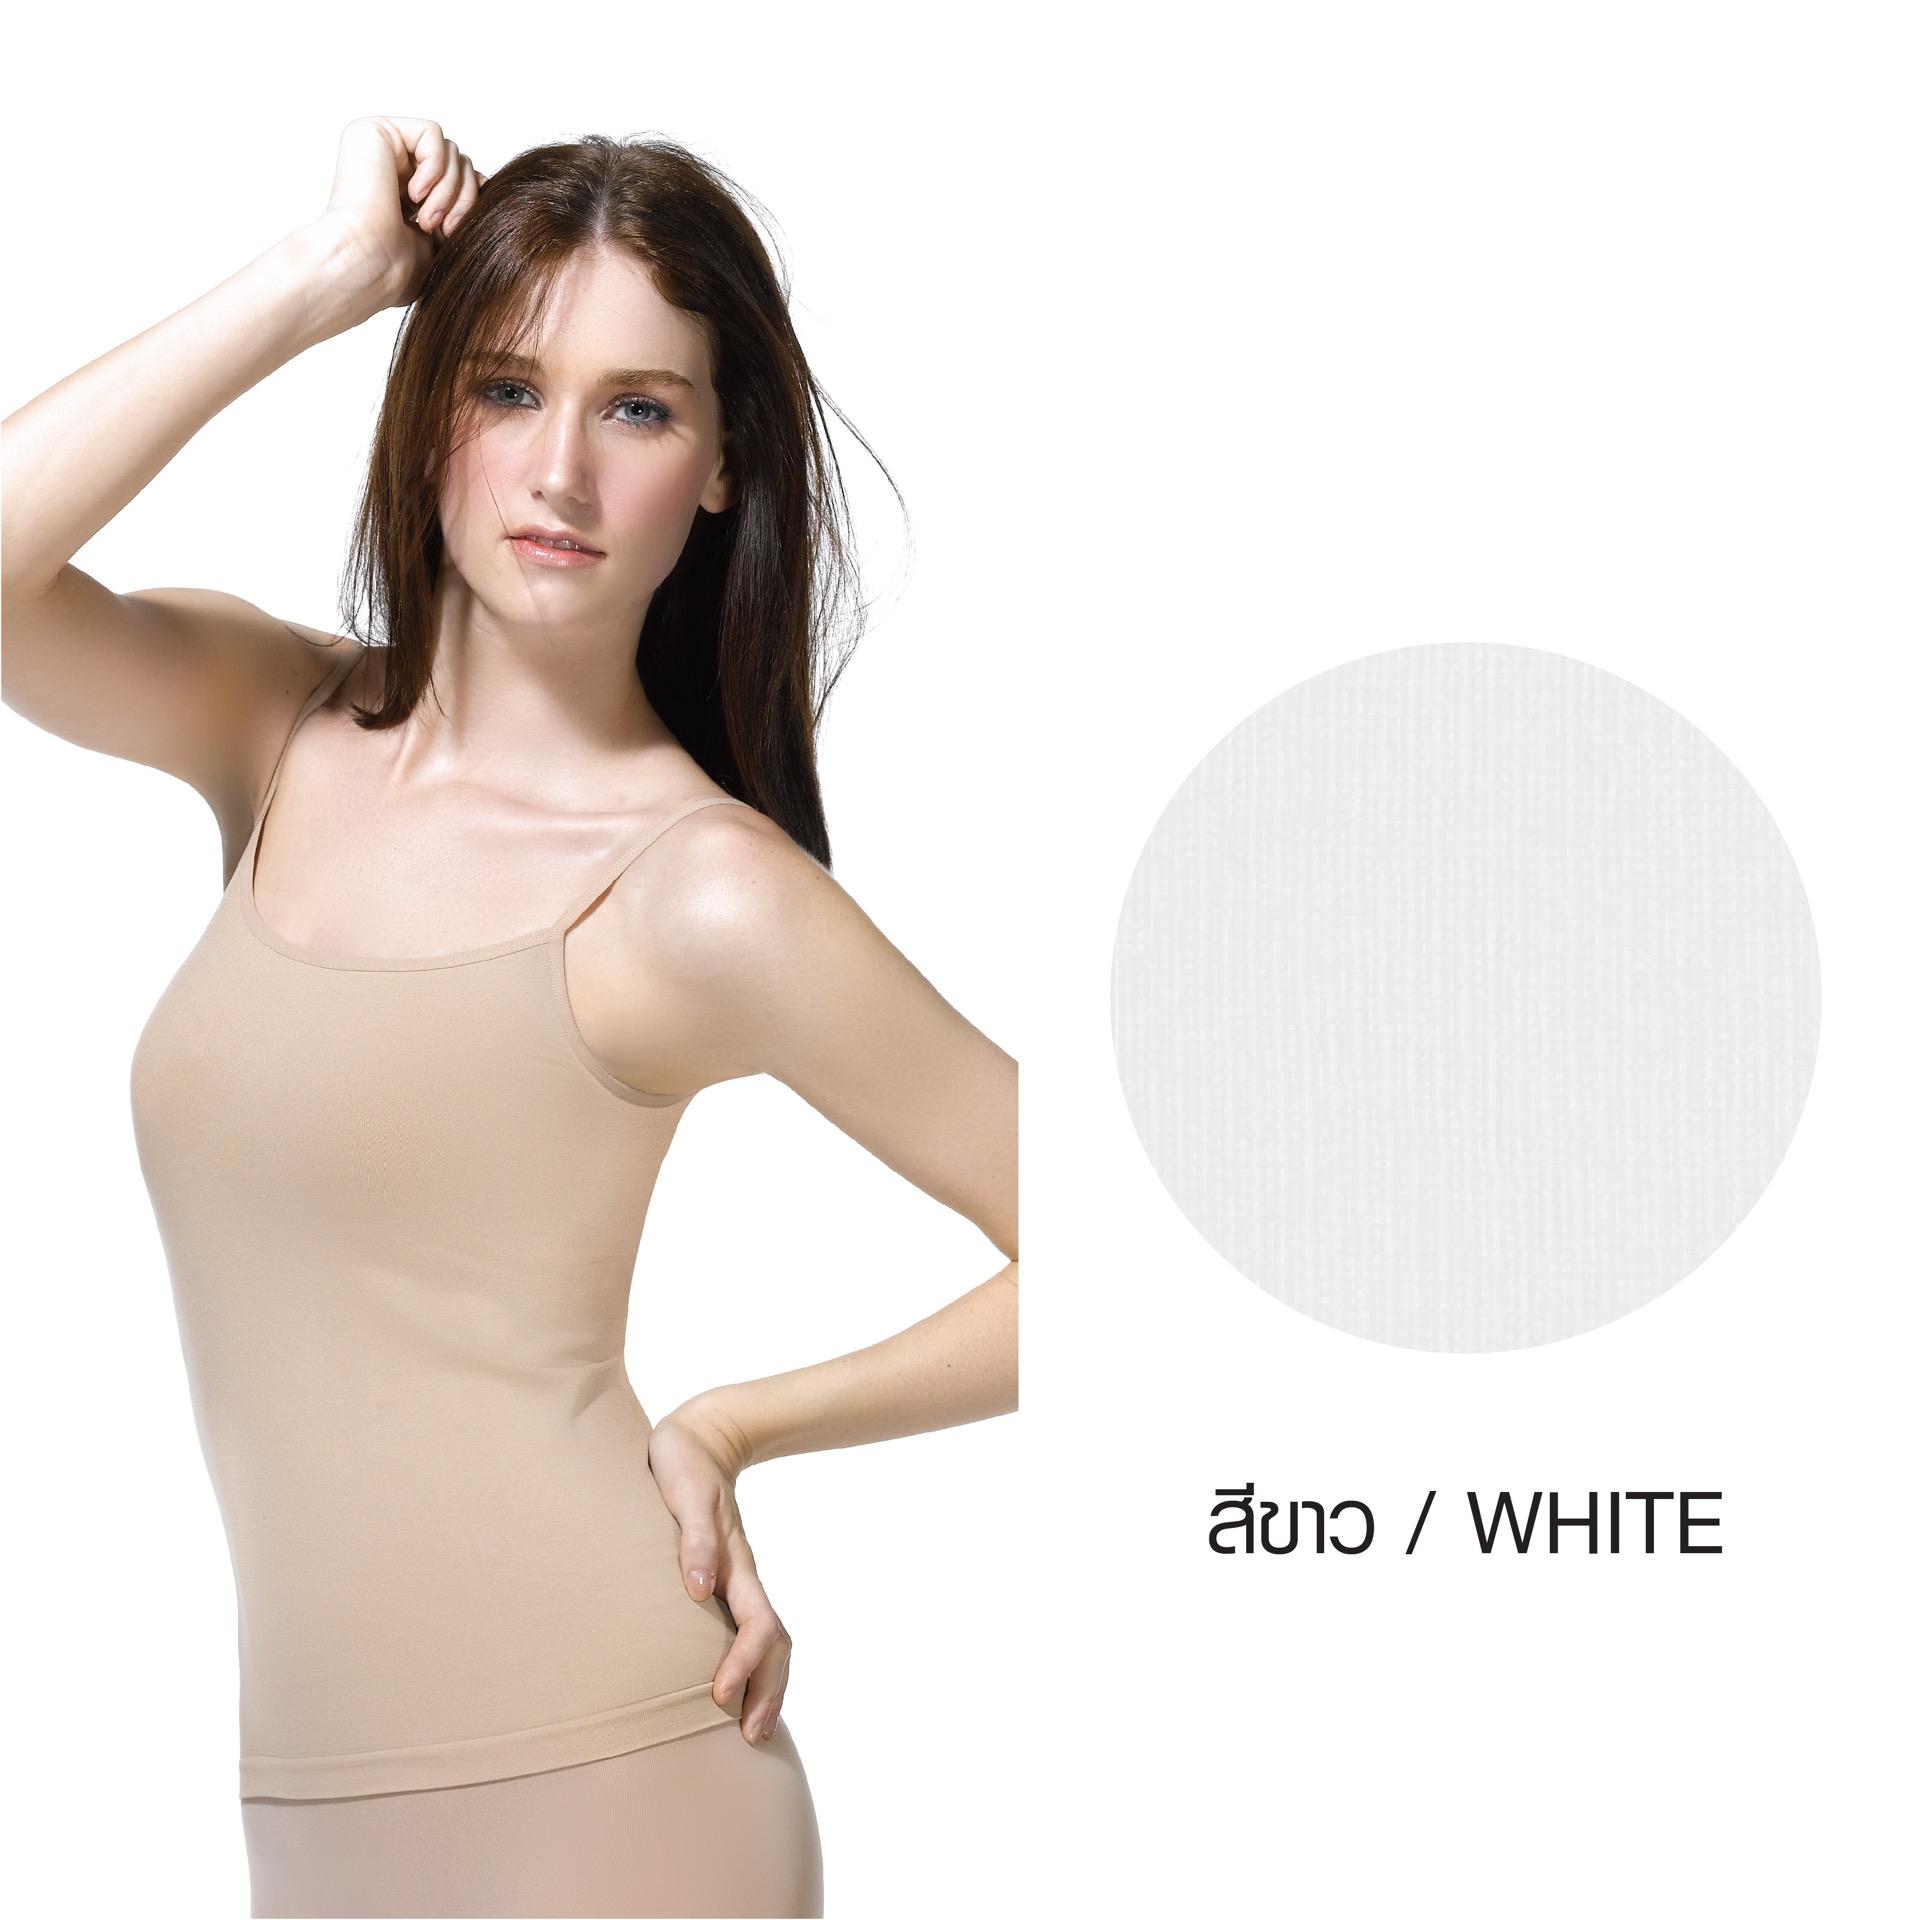 เสื้อบังทรงสายเดี่ยว Cherilon Intimate รหัส BSSL01 สีขาว